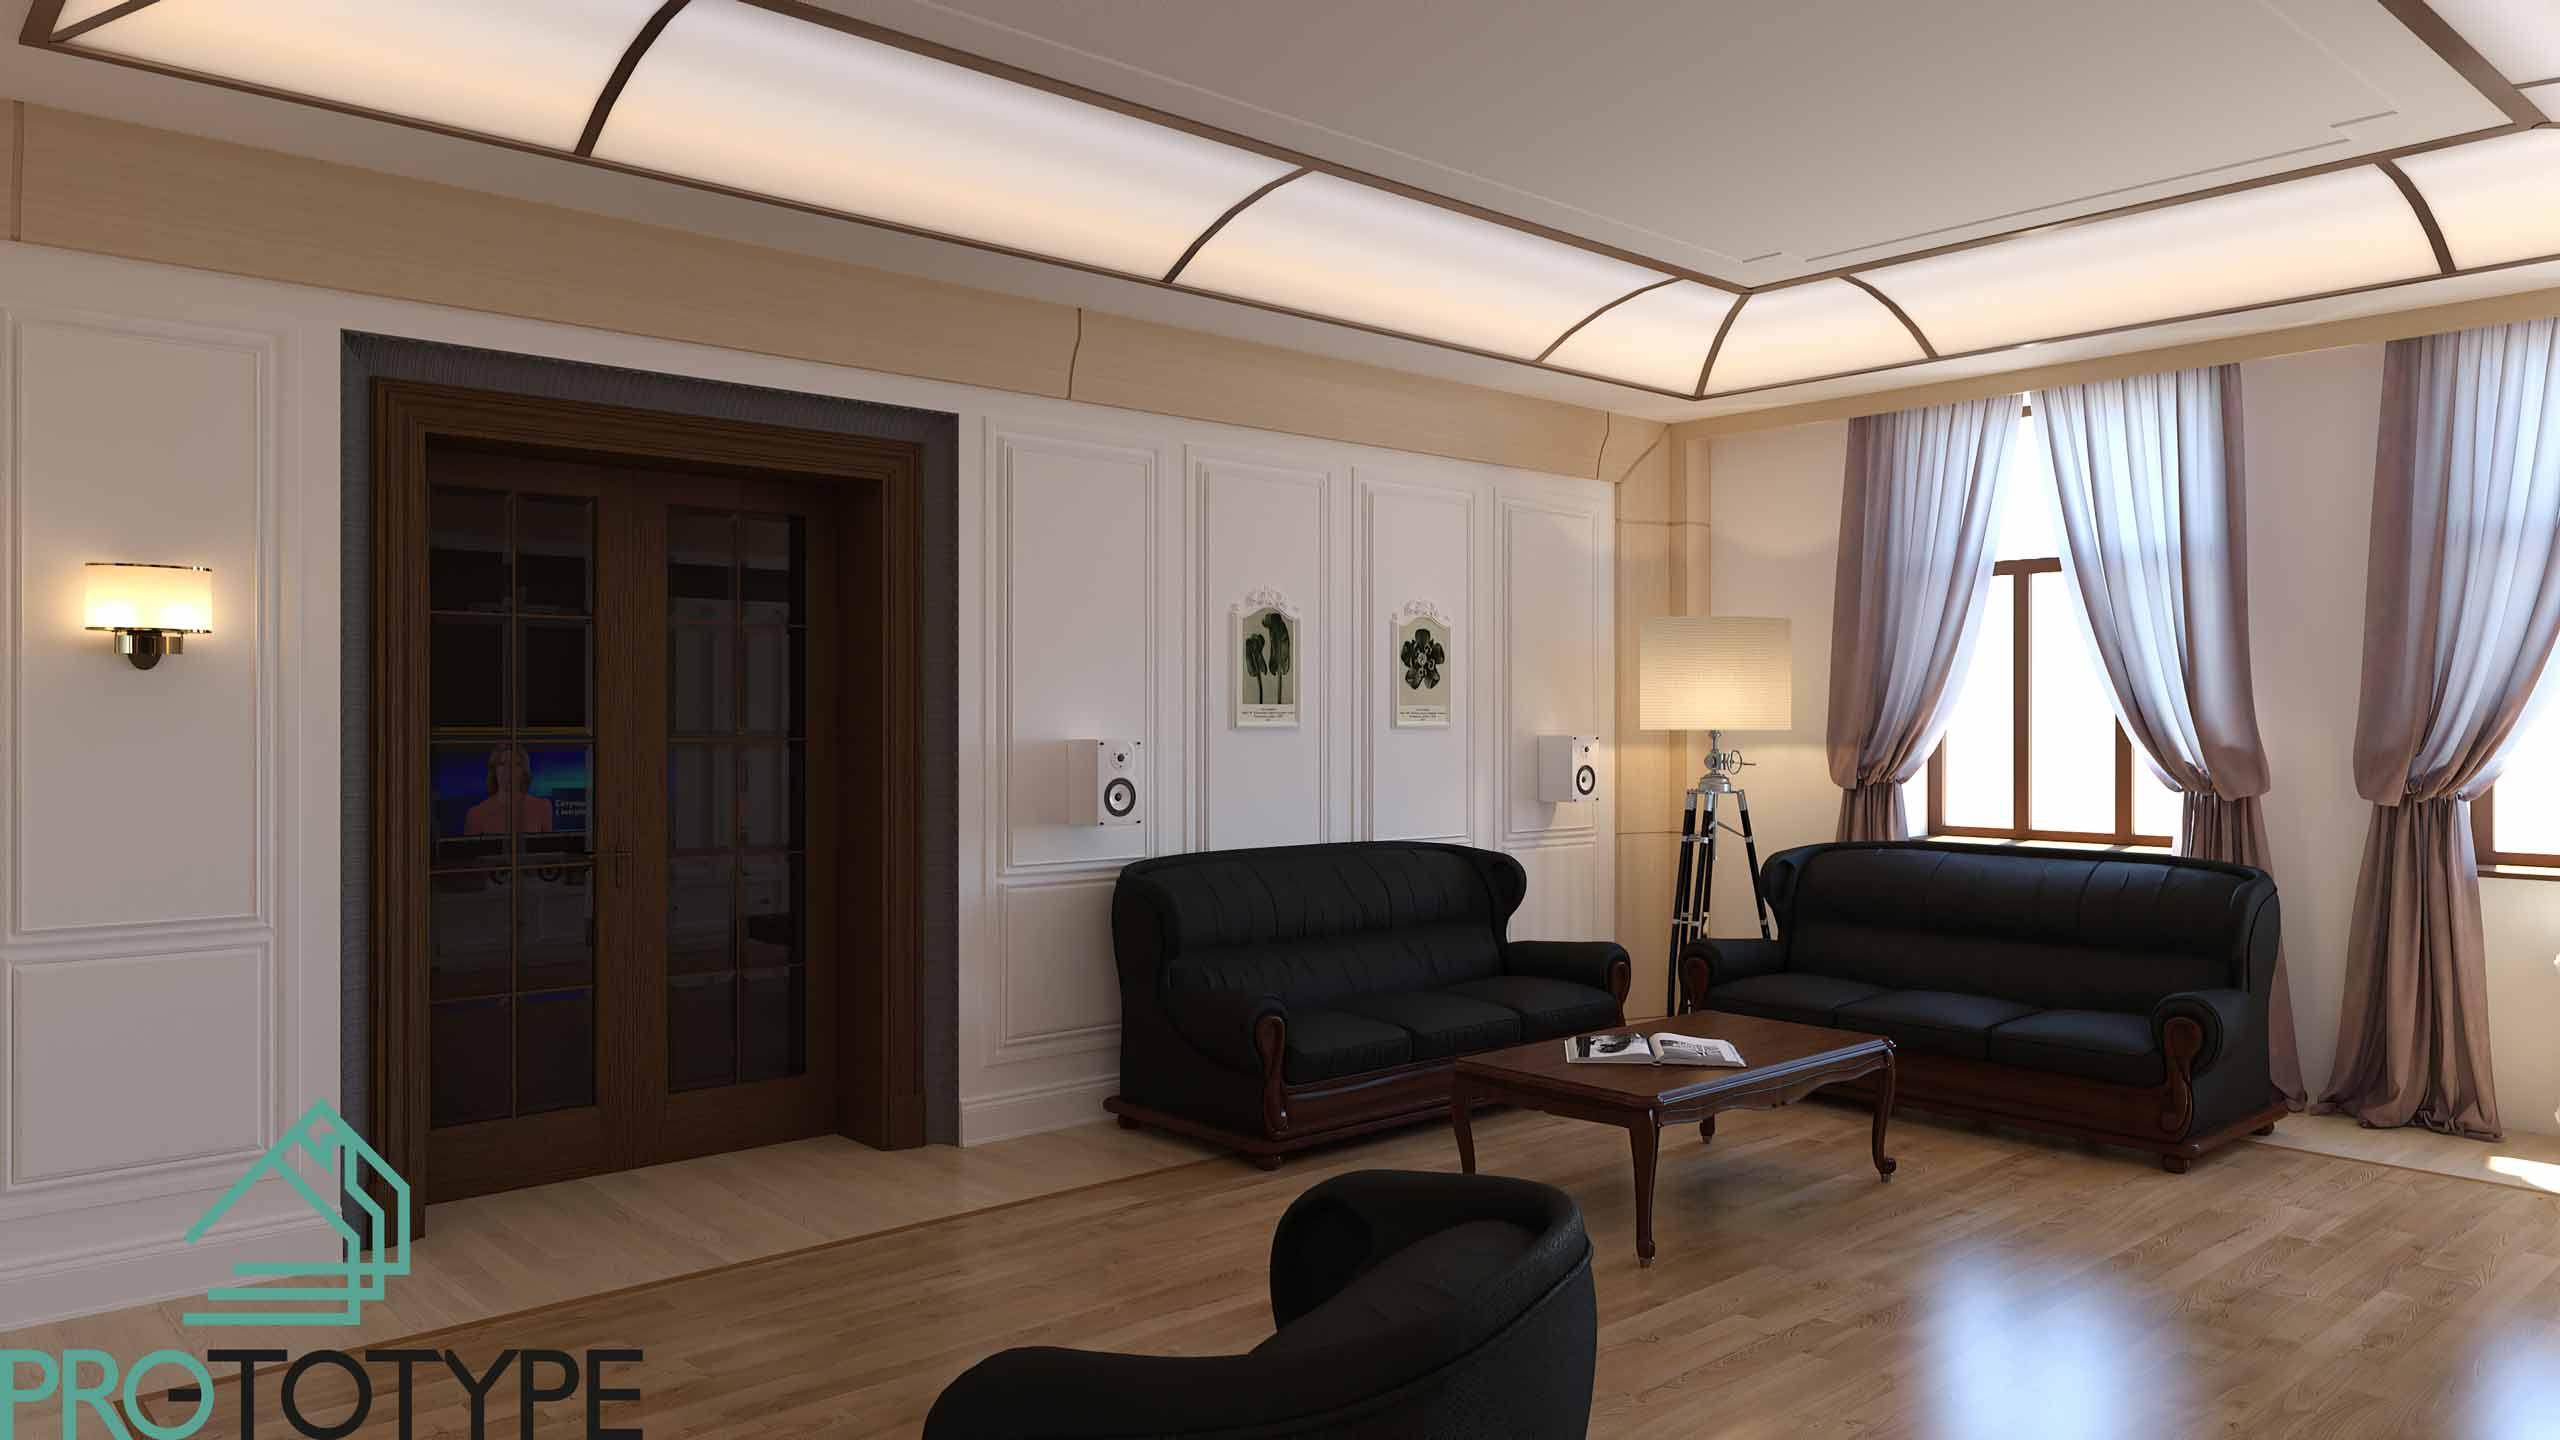 Дизайн гостиной с витражом на потолке